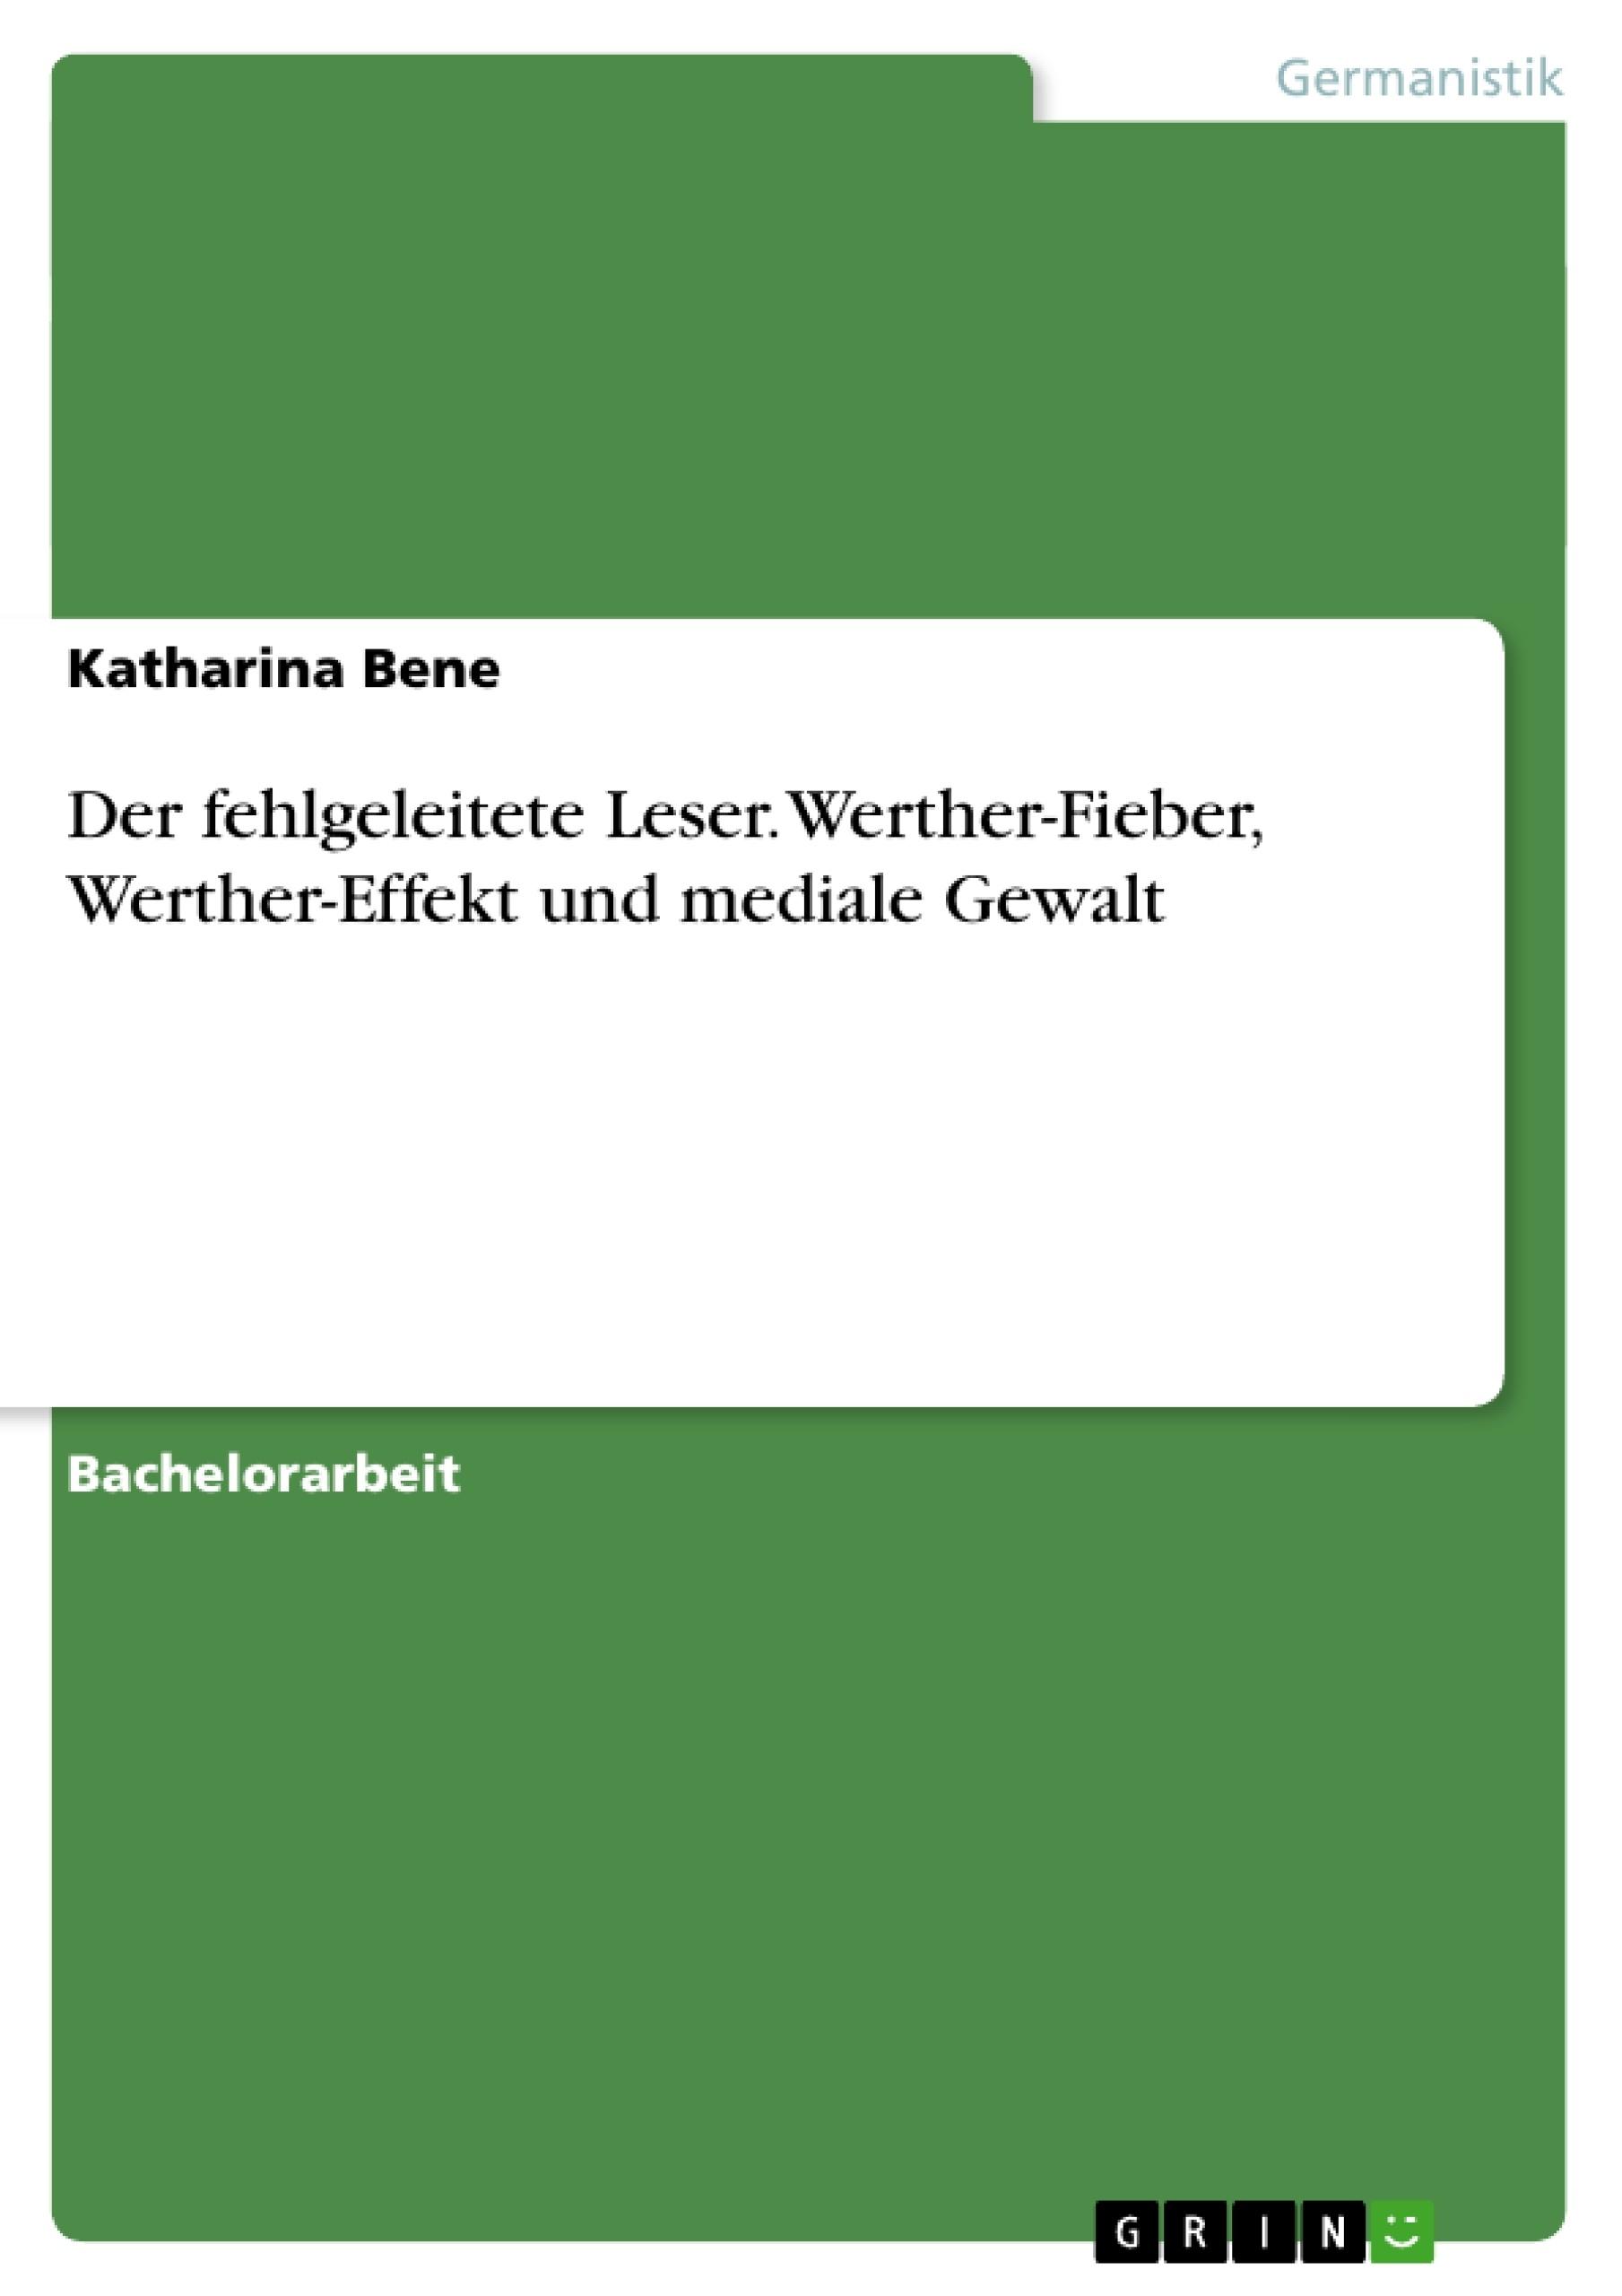 Titel: Der fehlgeleitete Leser. Werther-Fieber, Werther-Effekt und mediale Gewalt